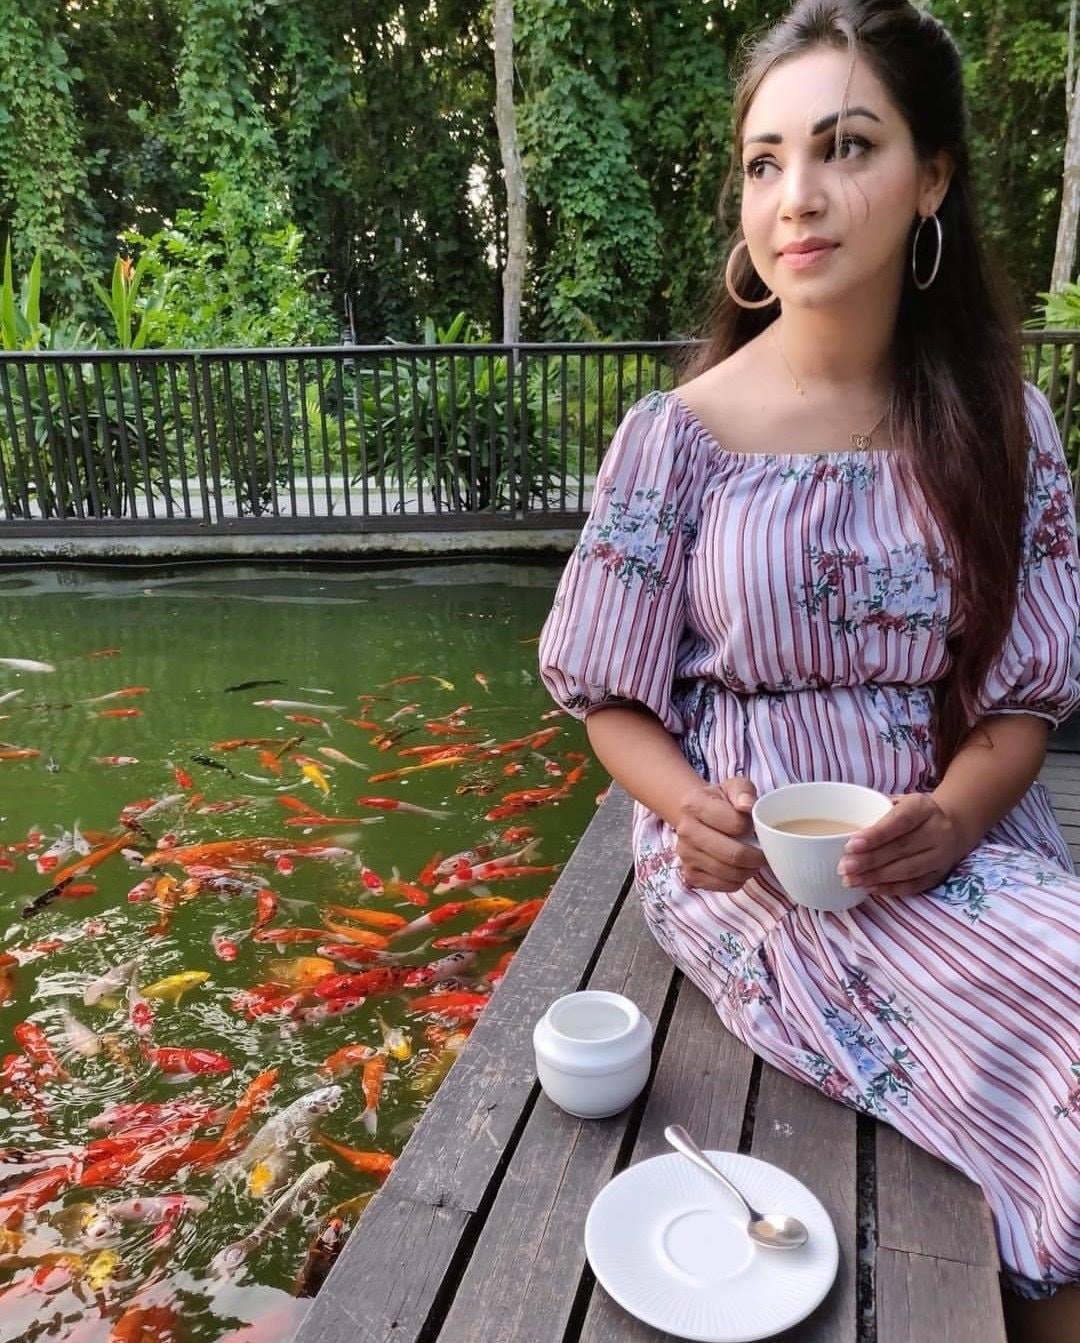 মডেল এবং অভিনেত্রী সাদিয়া জাহান প্রভার কিছু ছবি 25